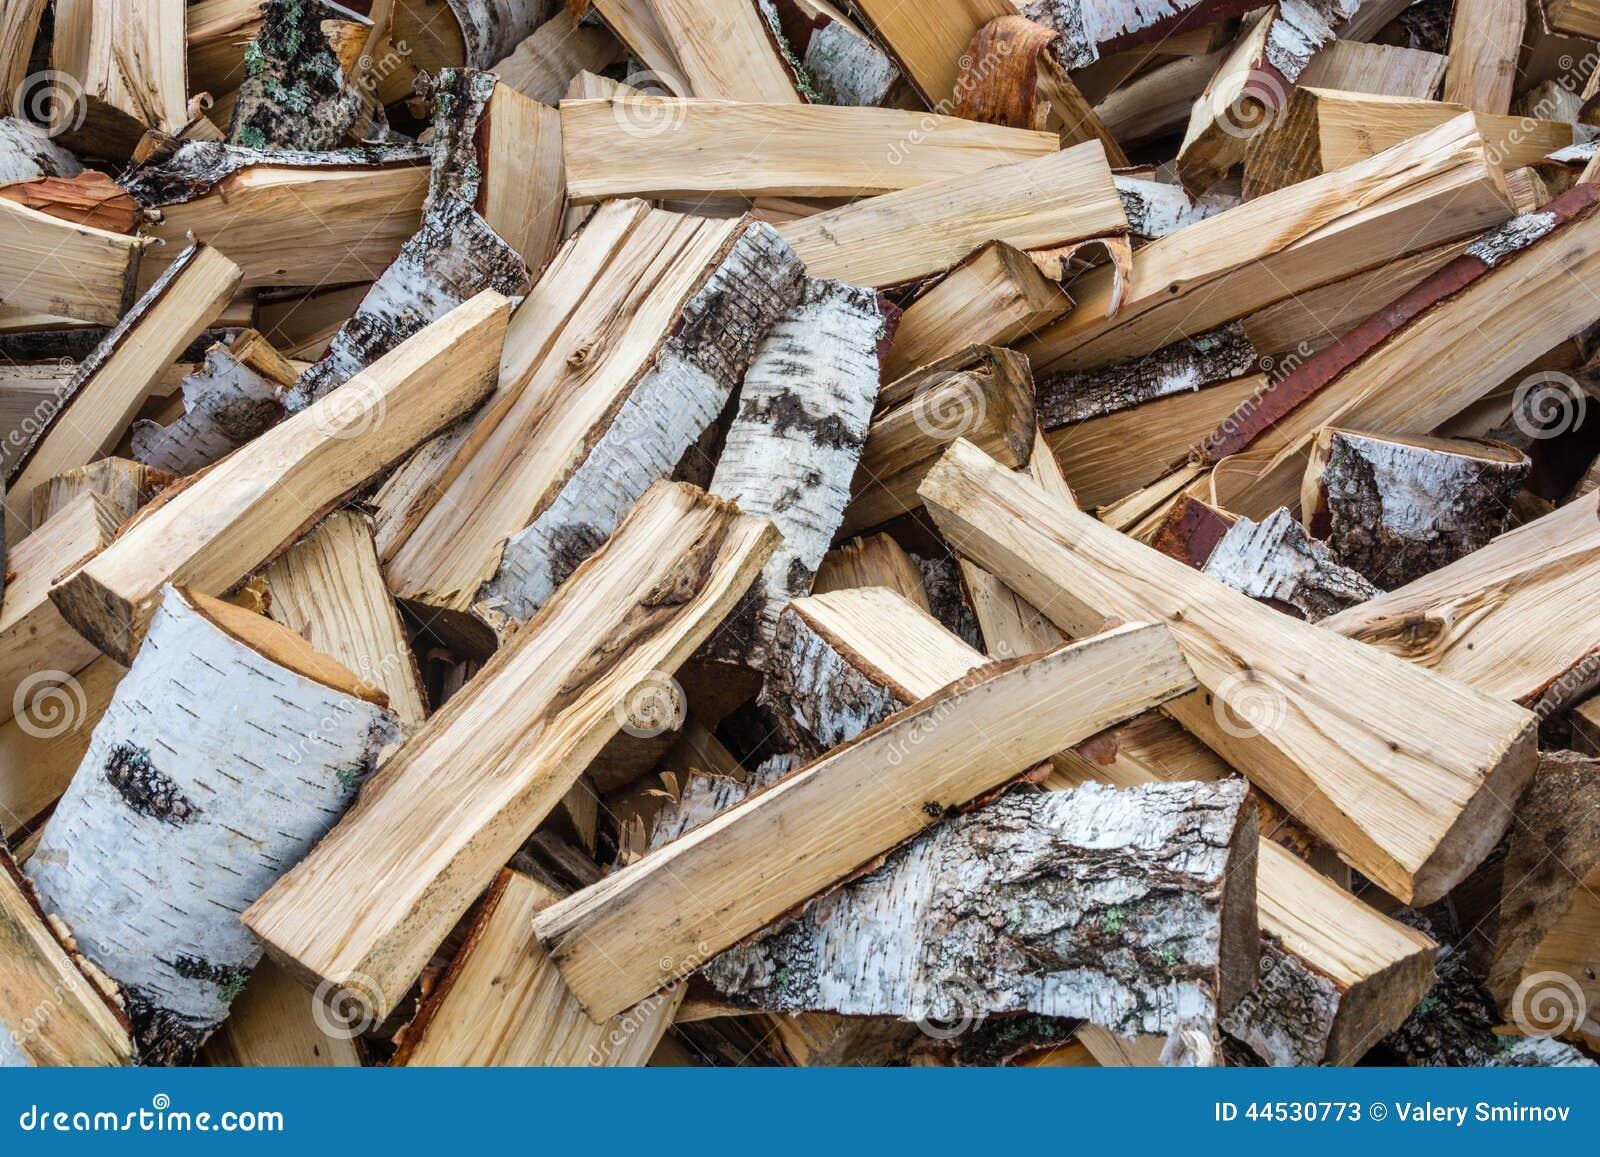 Bois De Chauffage Fendu De Bouleau Image stock Image 44530773 # Bois De Bouleau Utilisation